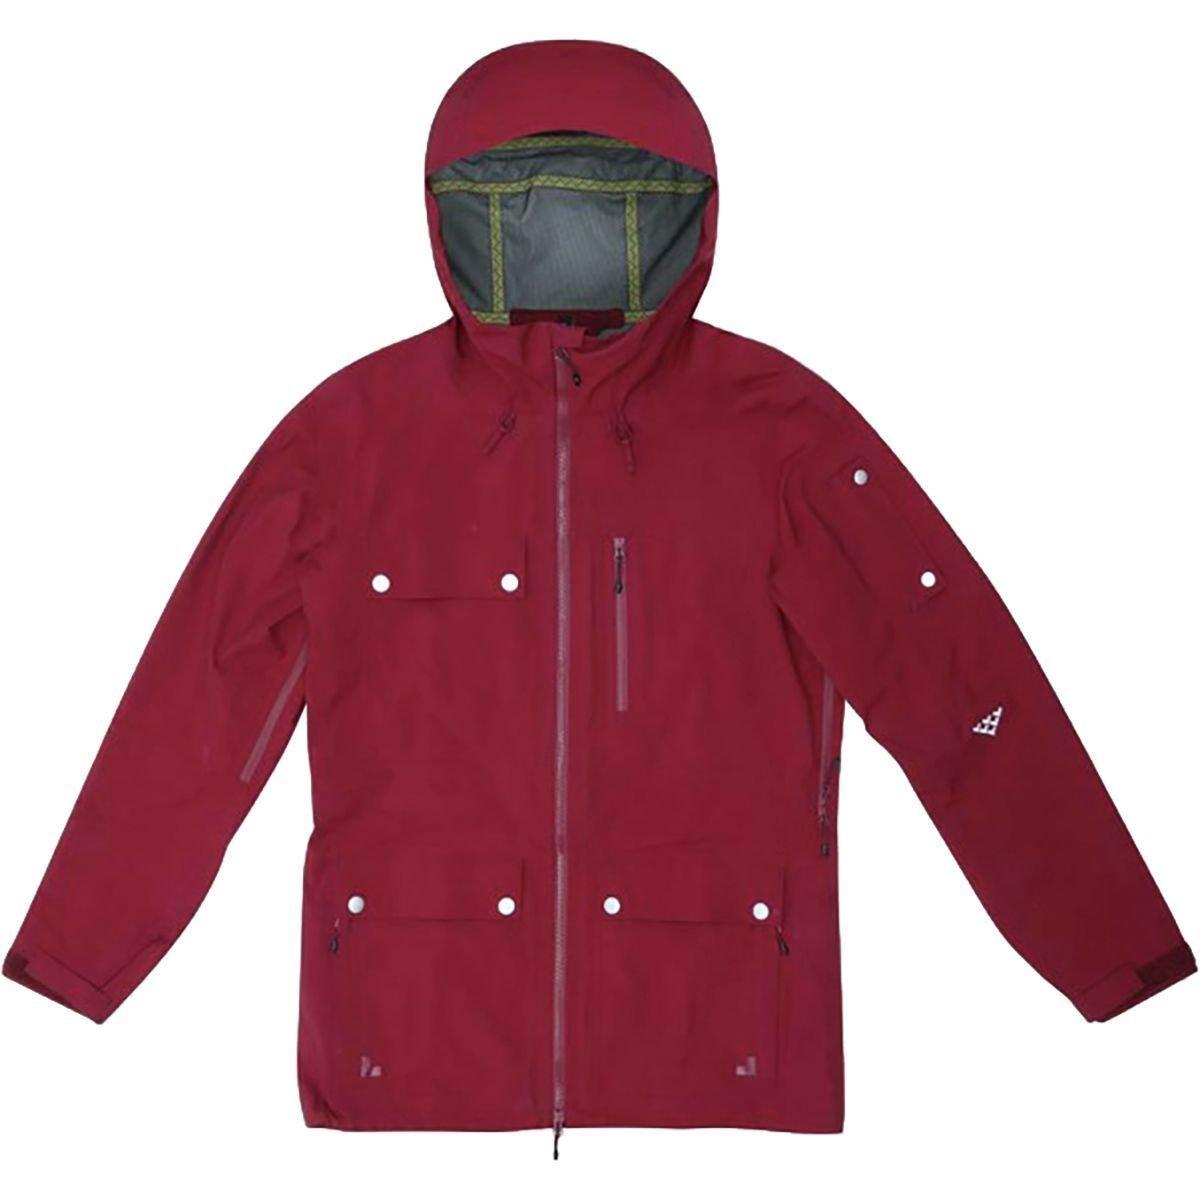 期間限定特別価格 [ブラック B07CXKCTL5 クロウズ] メンズ ジャケット [並行輸入品]&ブルゾン Corpus 3L Jacket [ブラック [並行輸入品] B07CXKCTL5 M, 浄法寺町:bb13ab87 --- arianechie.dominiotemporario.com